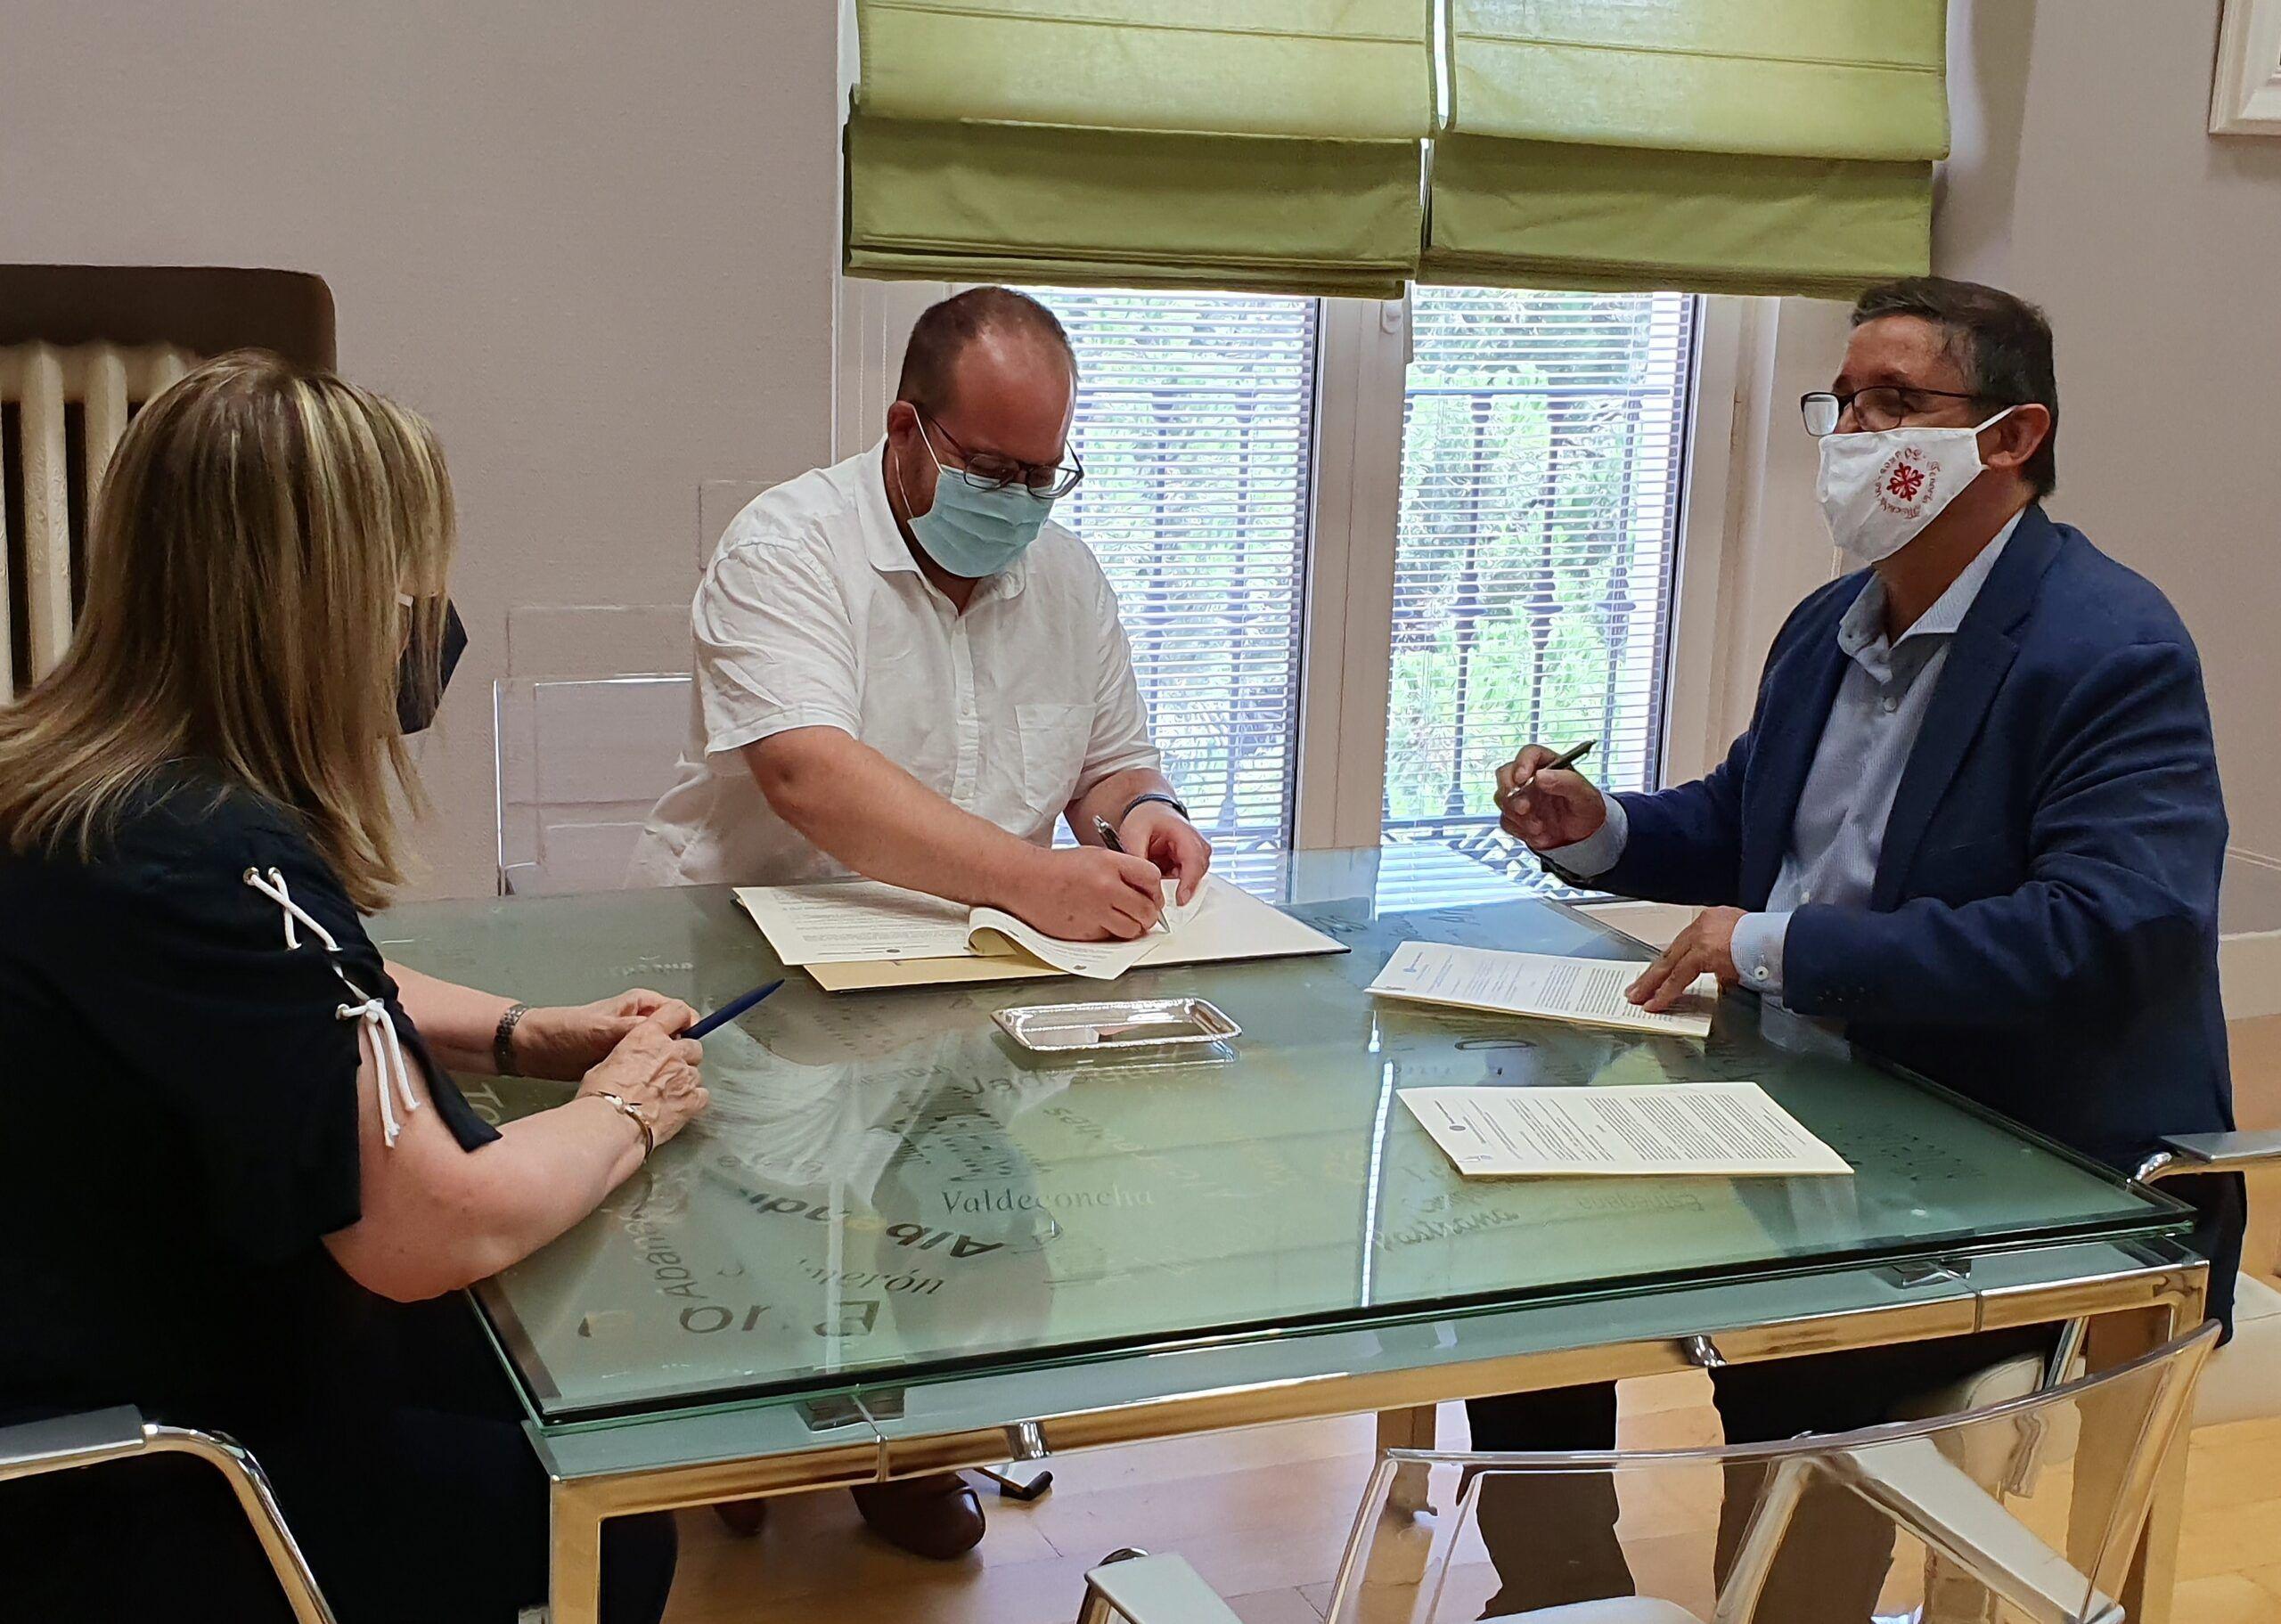 Si este año hay Tenorio Mendocino, tendrá apoyo de la Diputación